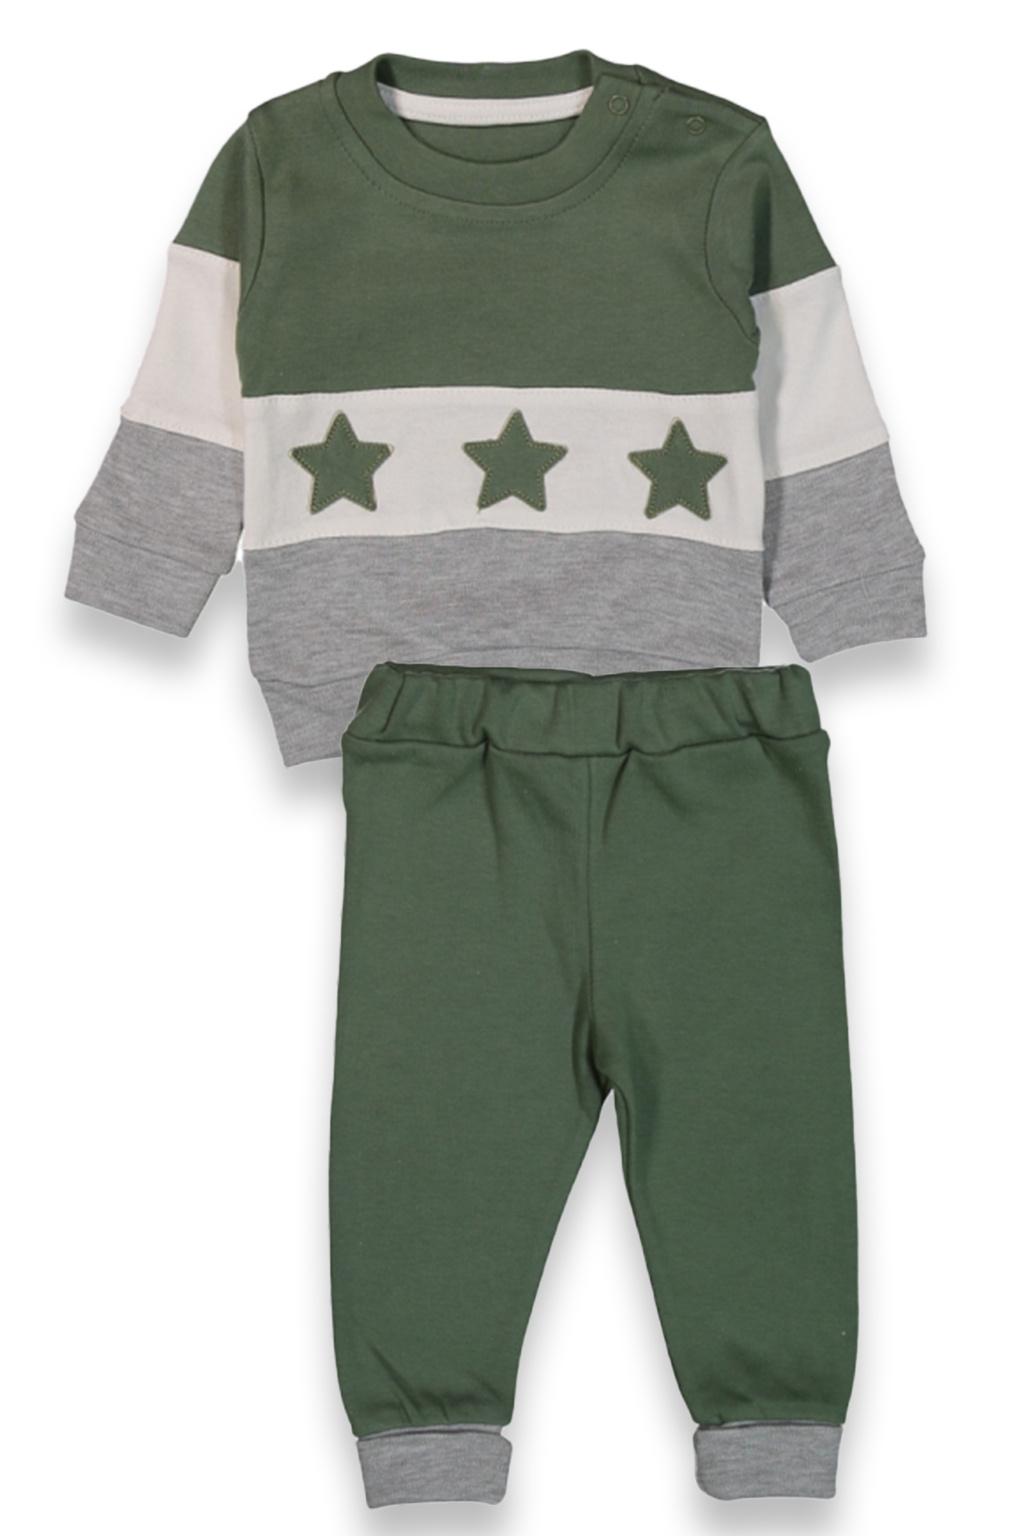 Dětská tepláková souprava Star khaki, zelená